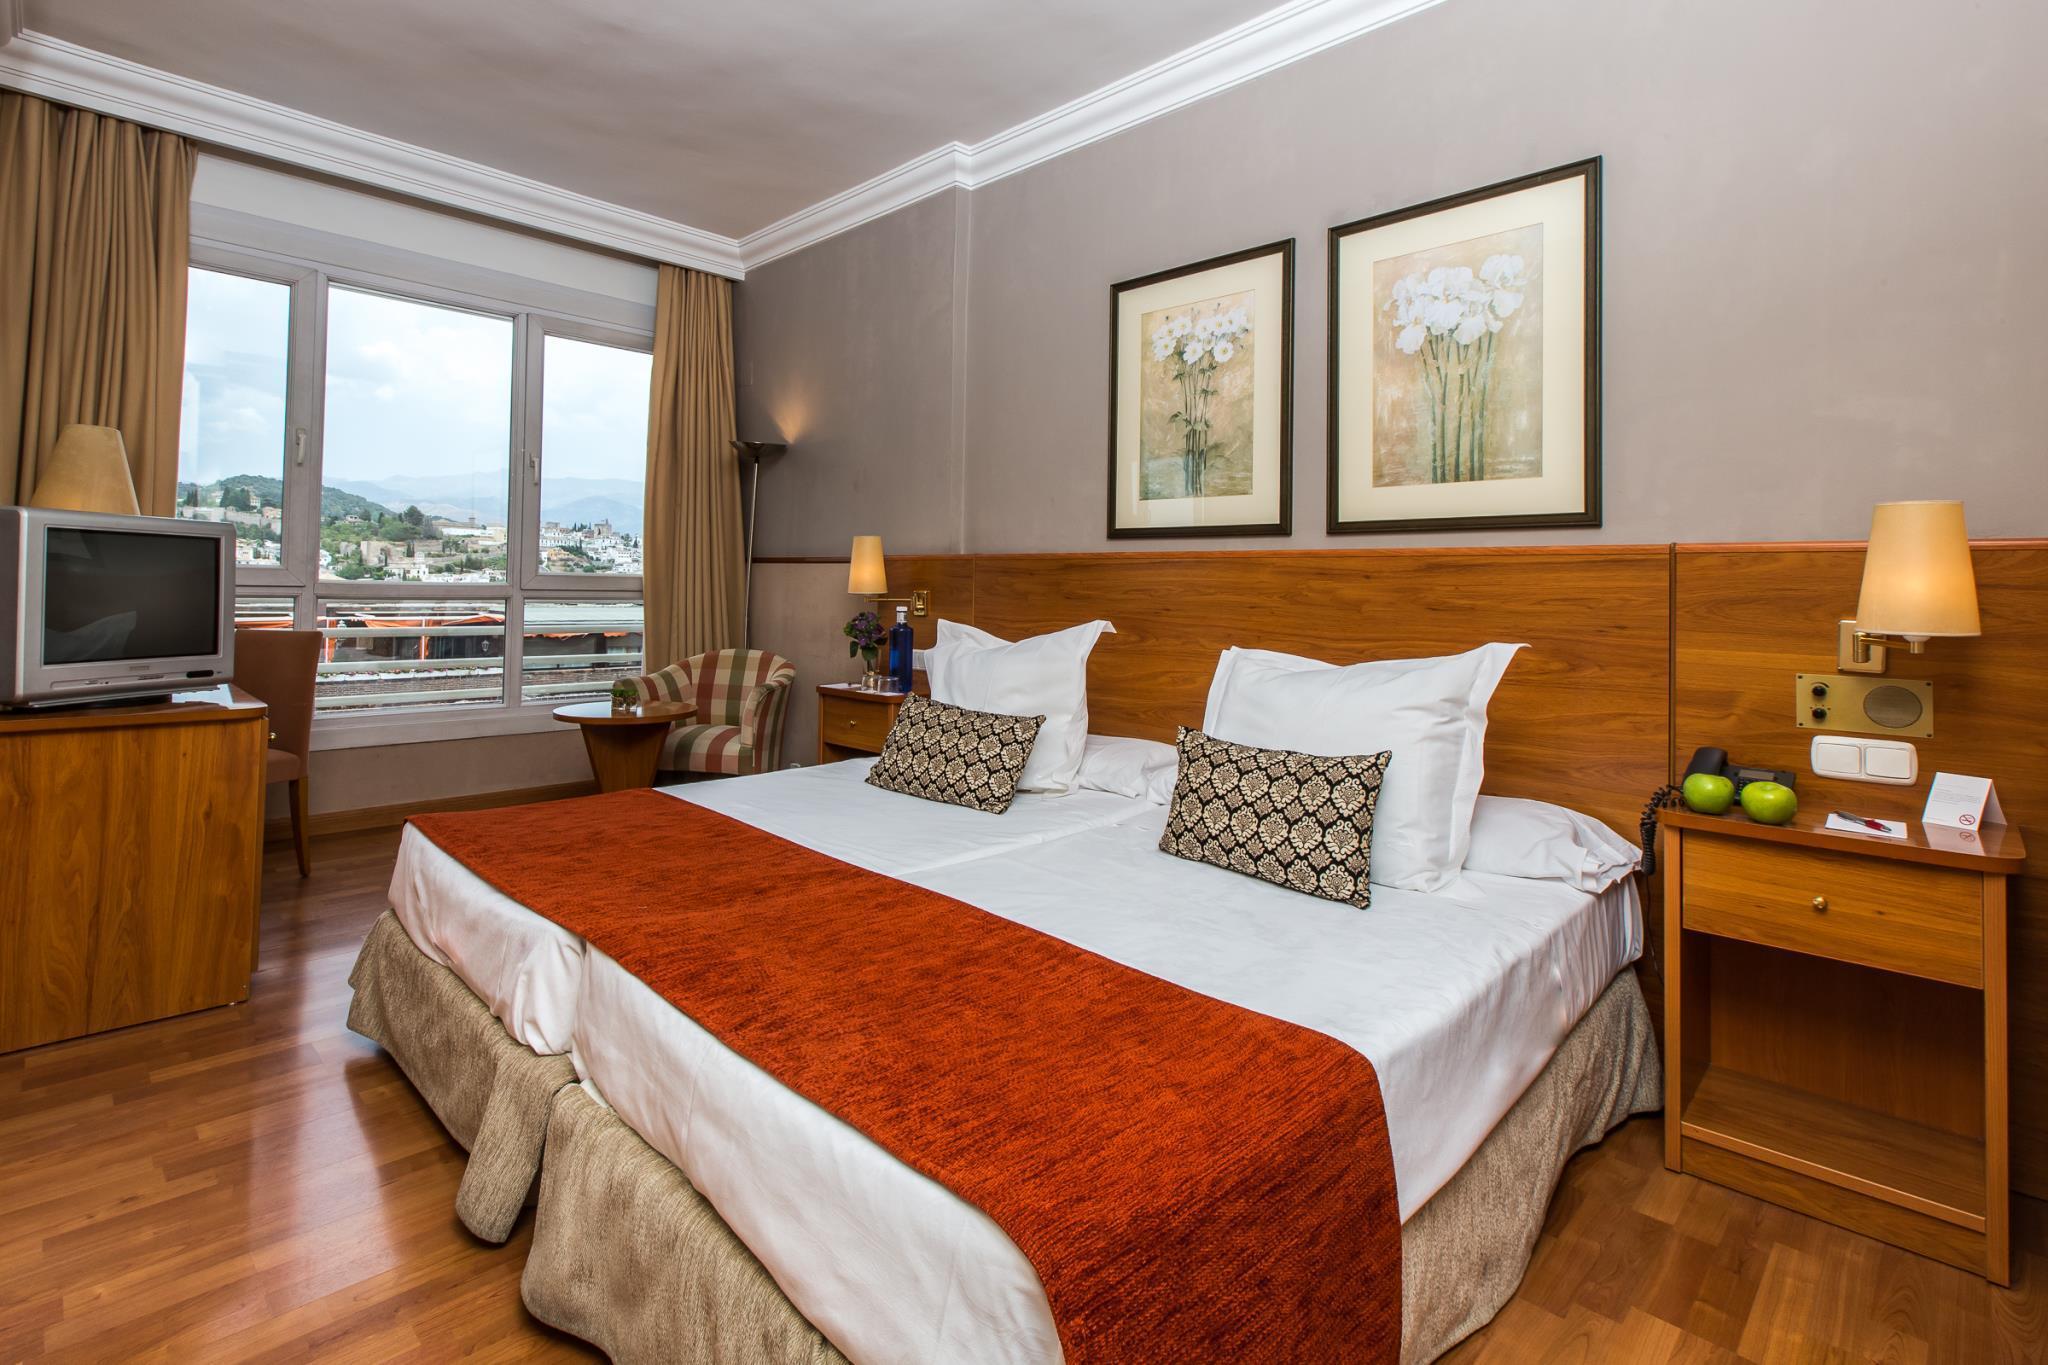 Andalusia Autonomous munity Autonomous munity Hotels Best